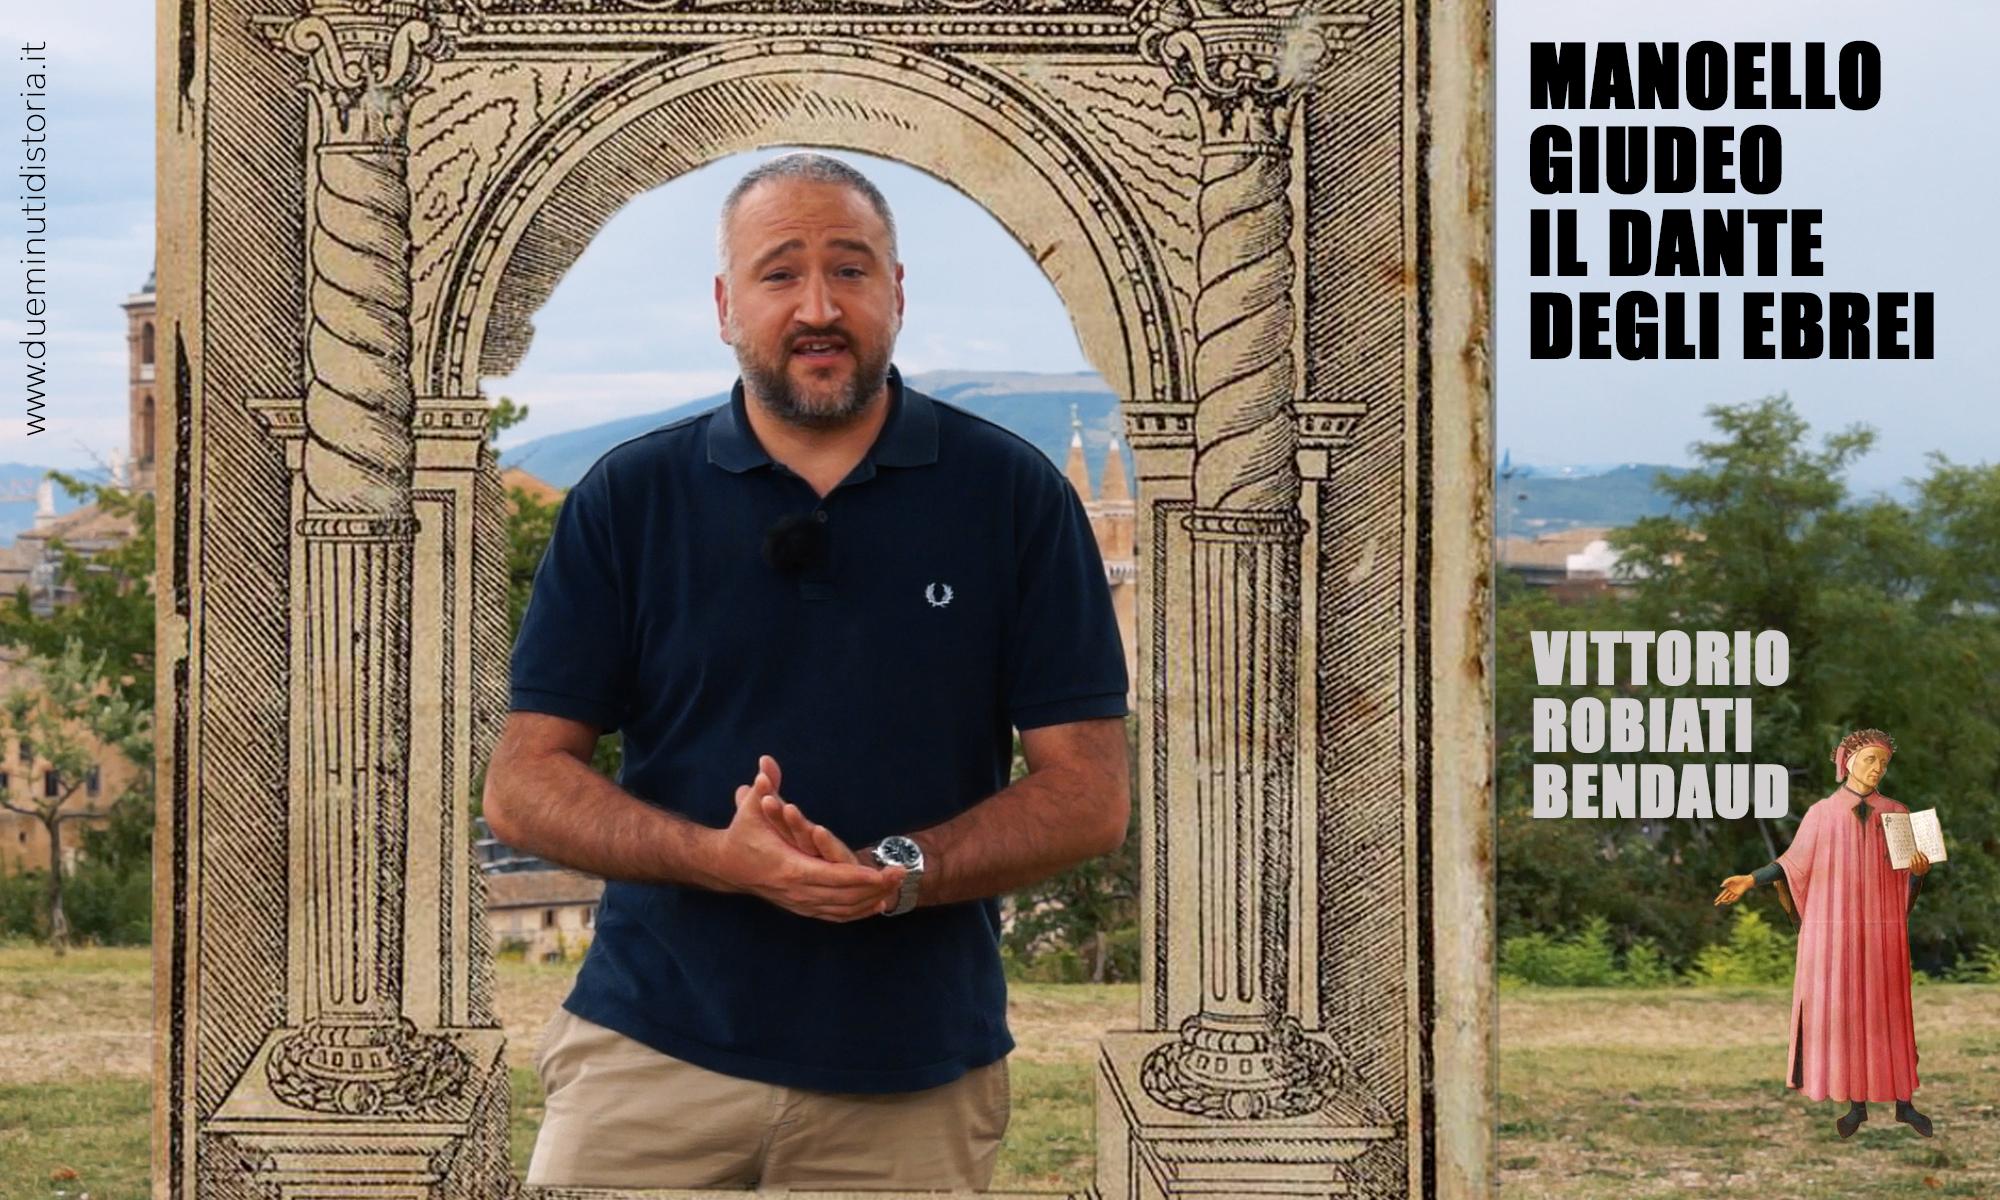 Manoello Giudeo, il Dante degli ebrei